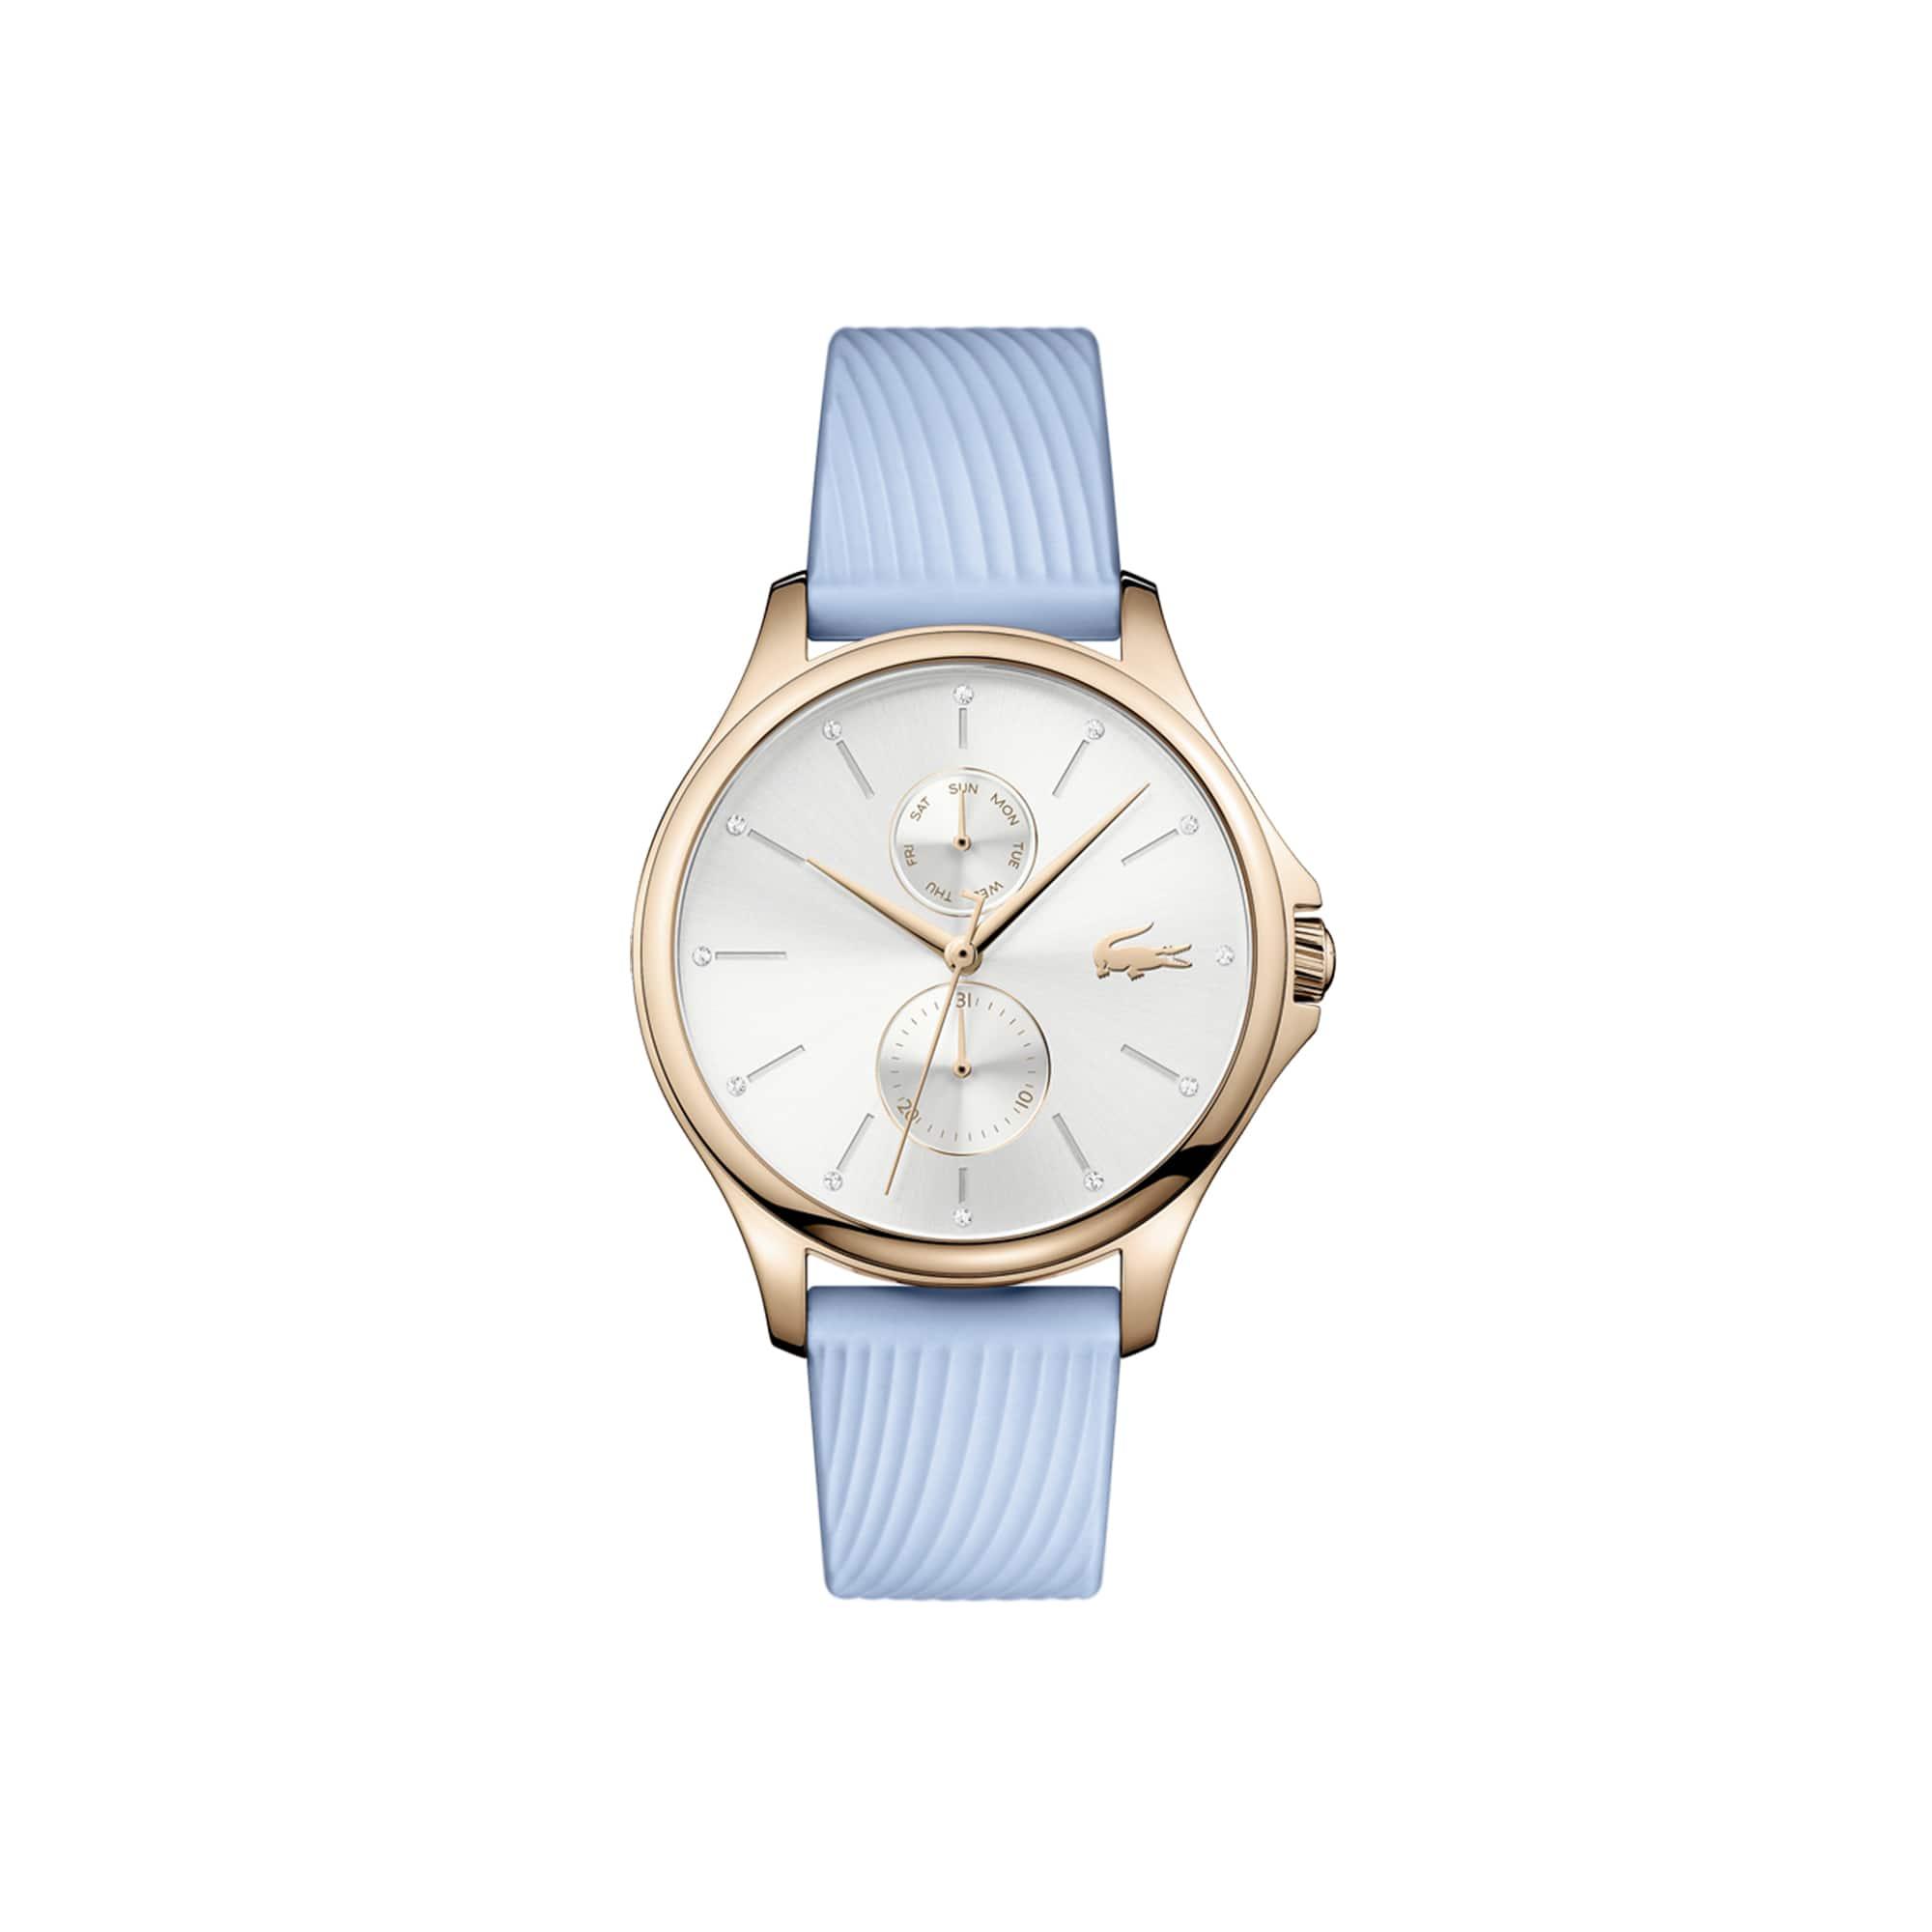 Reloj Kea multifunciones con pulsera de silicona azul